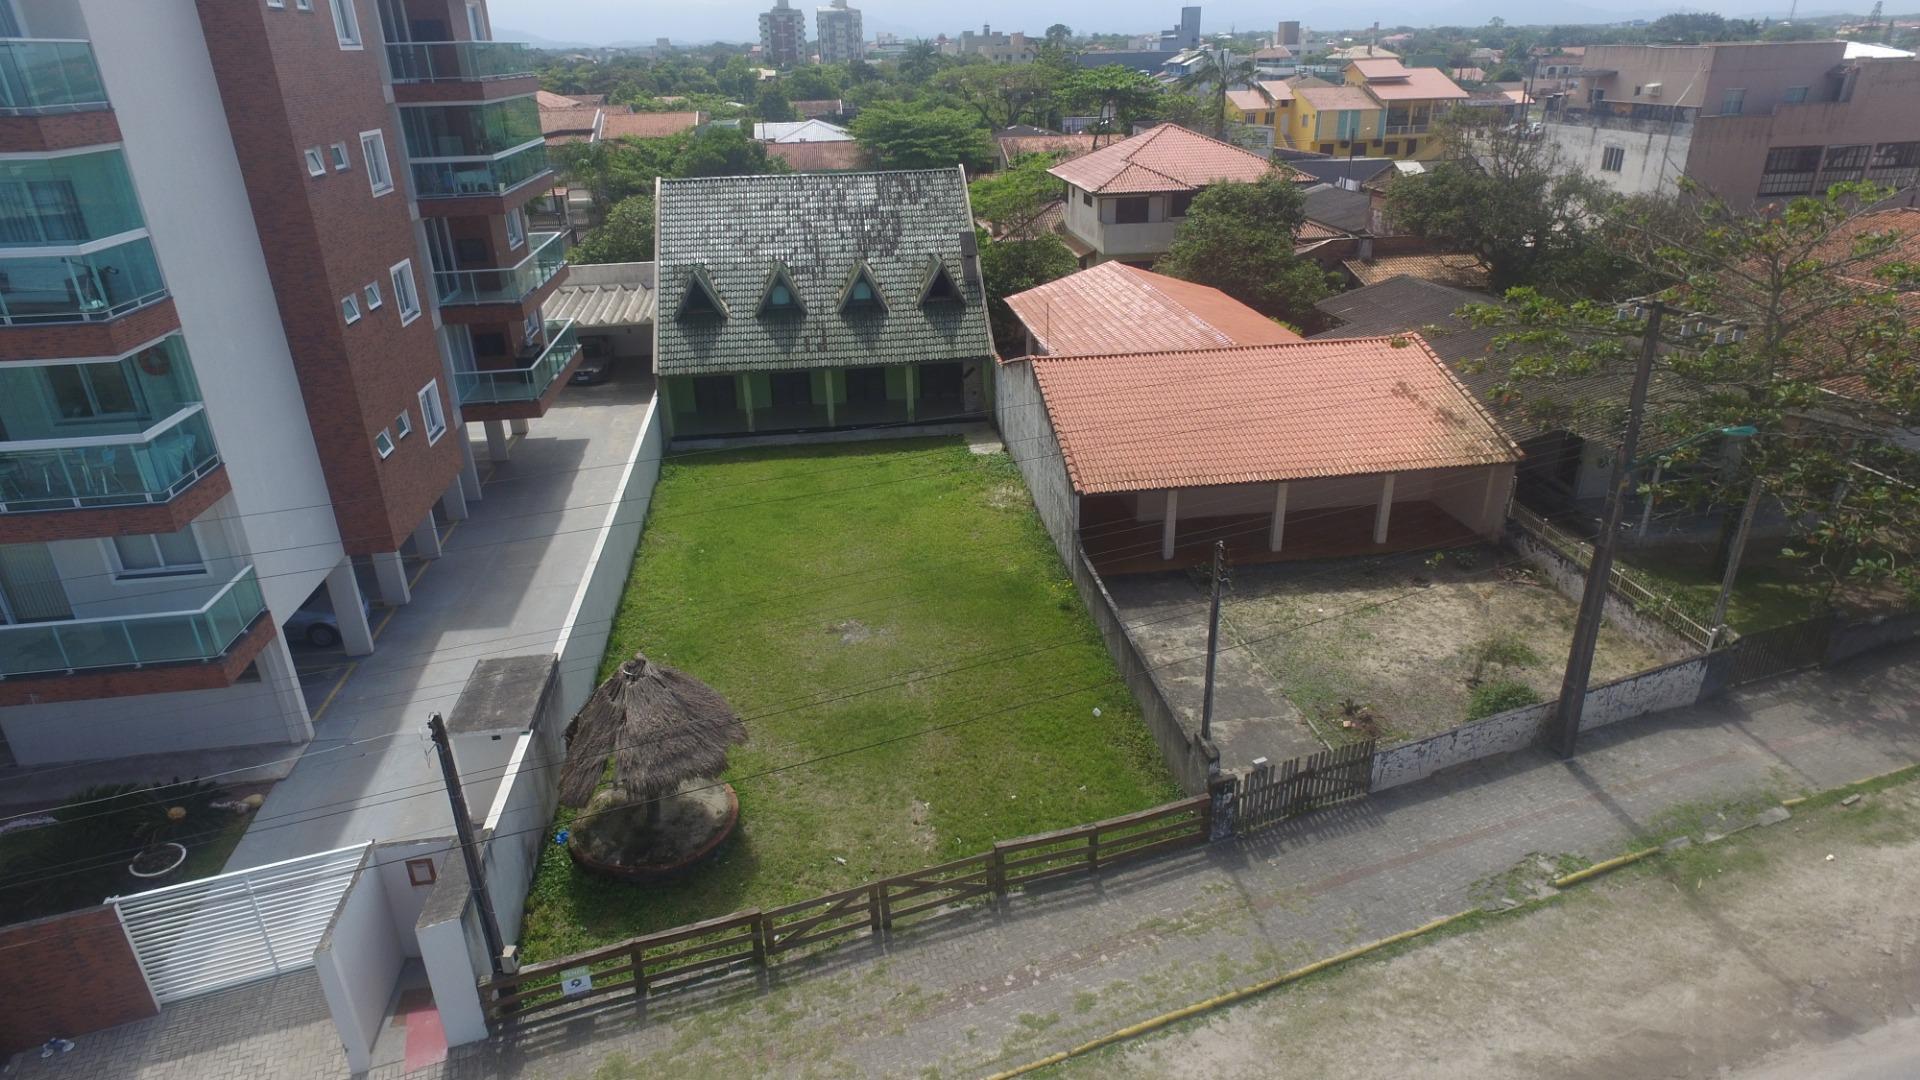 Sobrado com 4 dormitórios à venda, 120 m² por R$ 800.000,00 - Jardim Pérola - Itapoá/SC